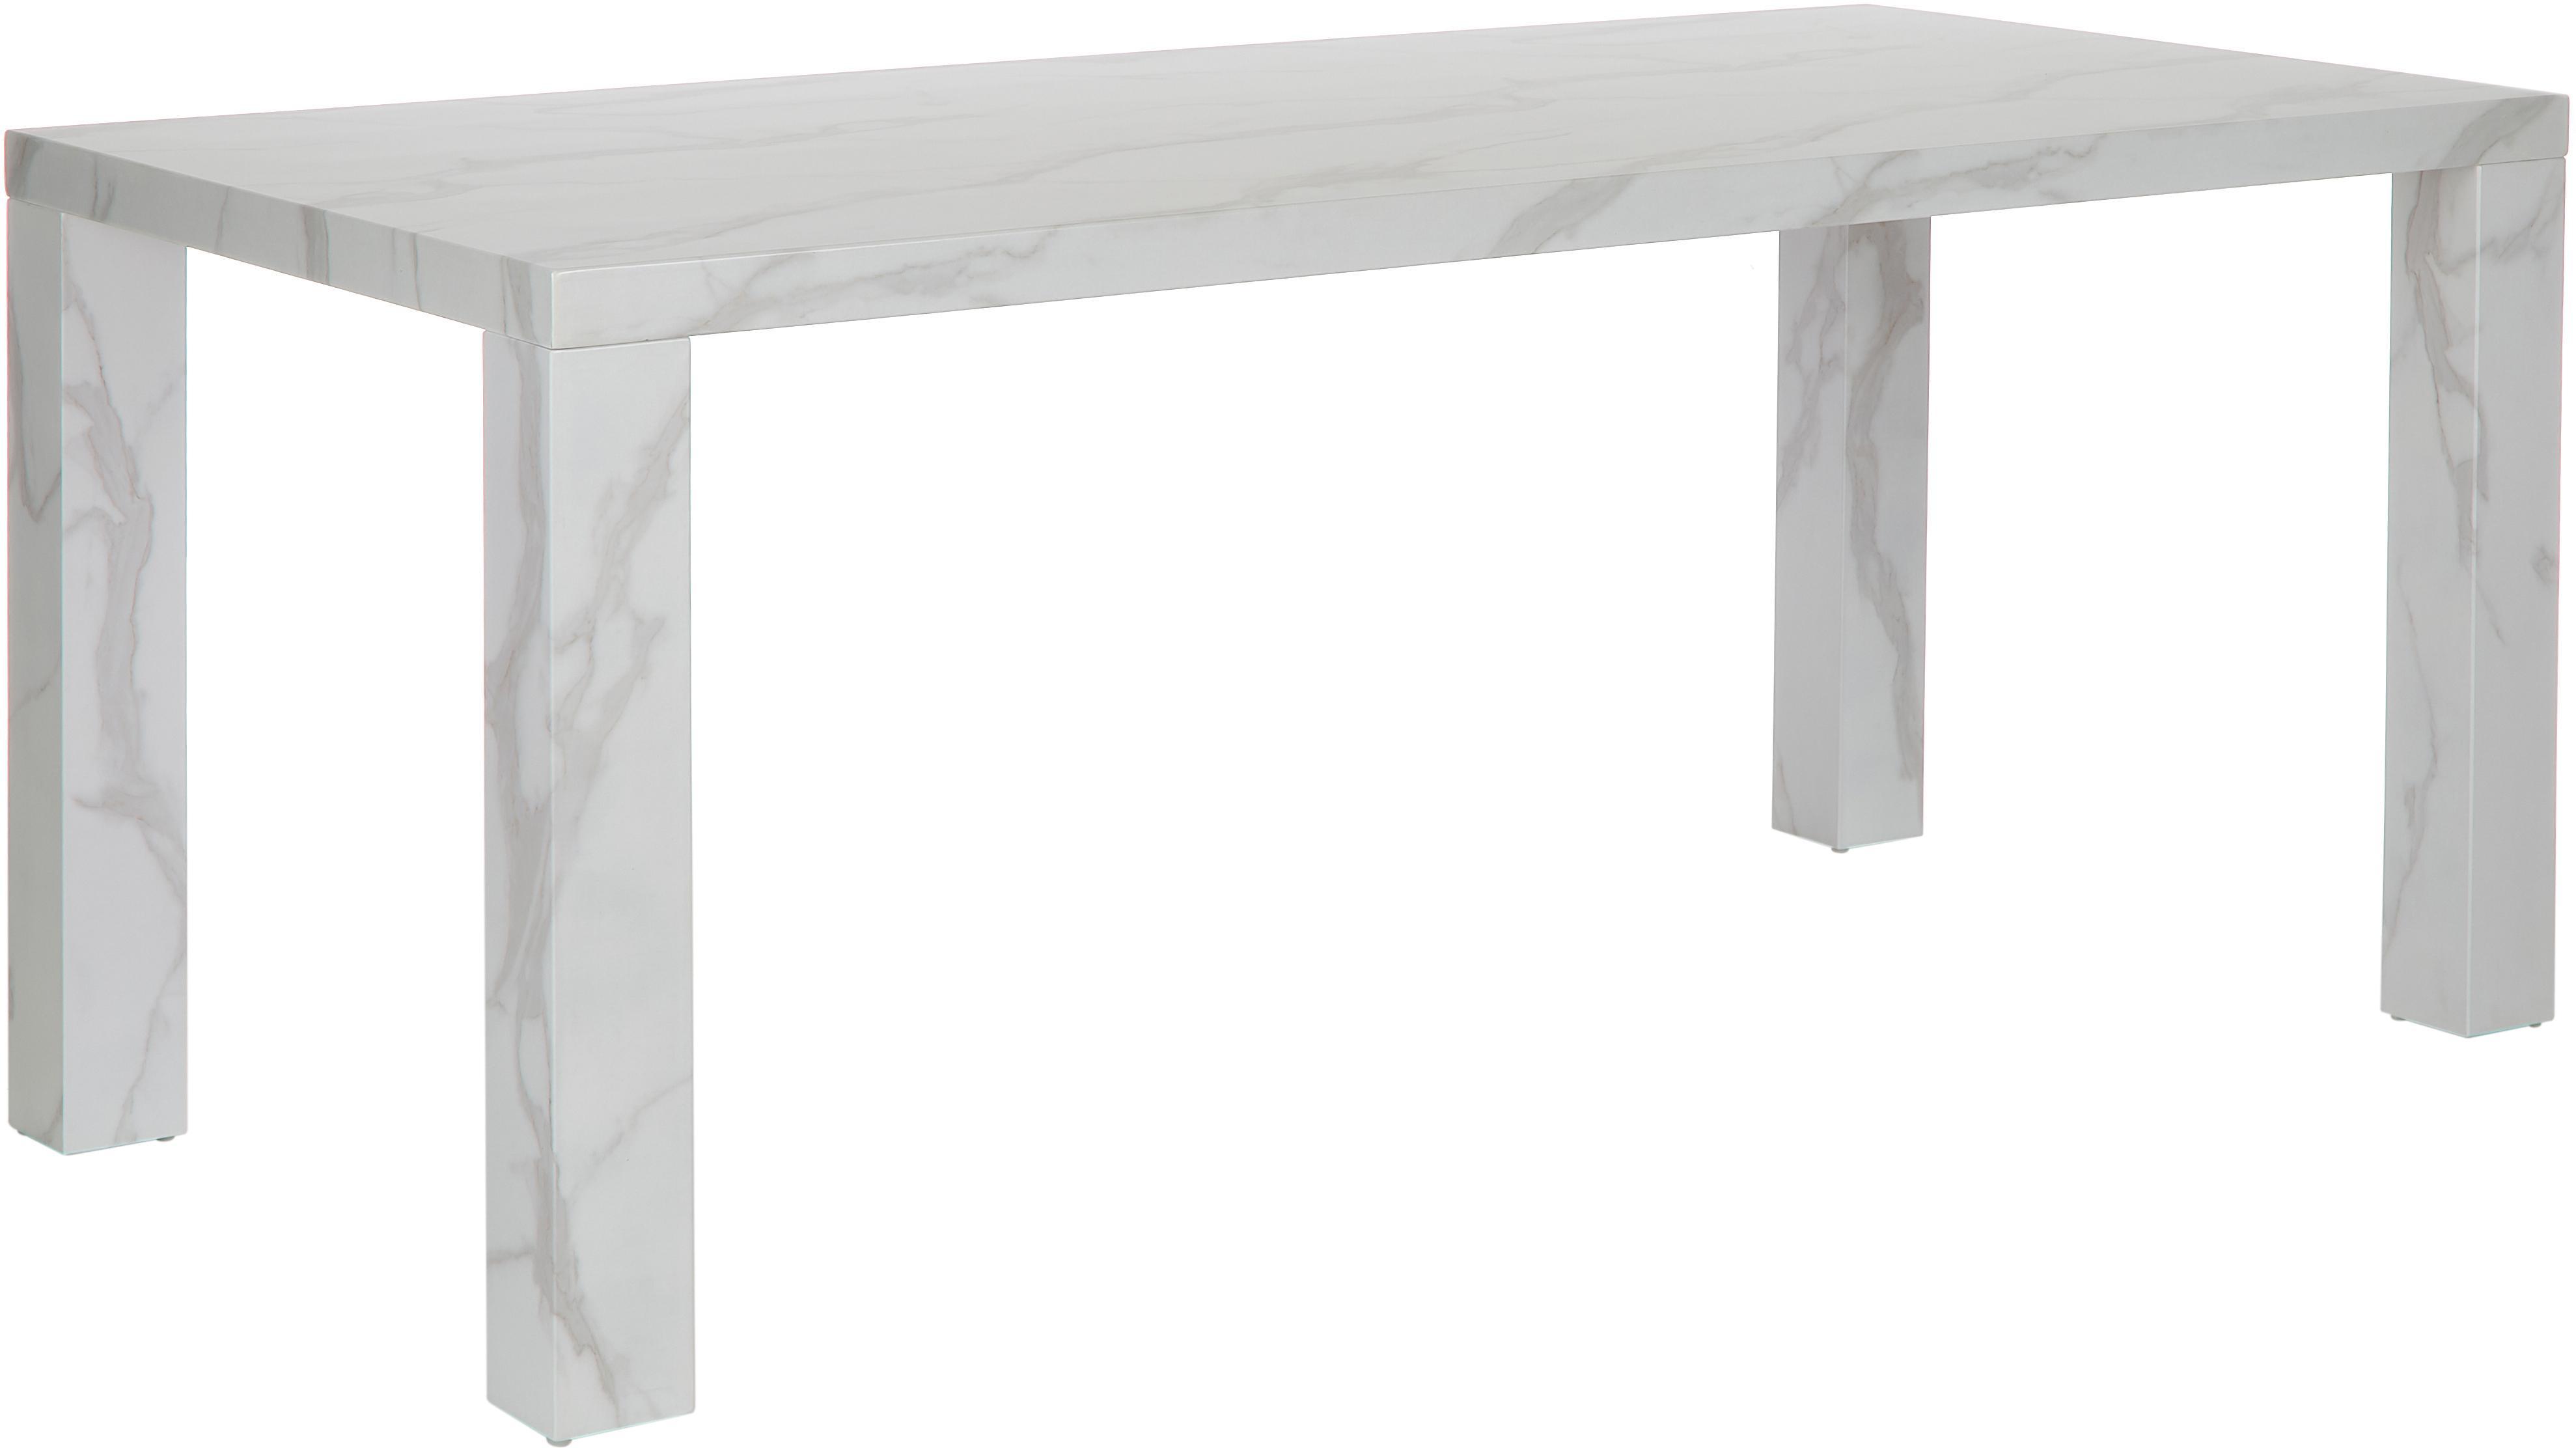 Tavolo effetto marmo Carl, Pannello di fibre a media densità (MDF) rivestito con carta effetto marmo laccata, Bianco marmorizzato, lucido, Larg. 180 x Prof. 90 cm